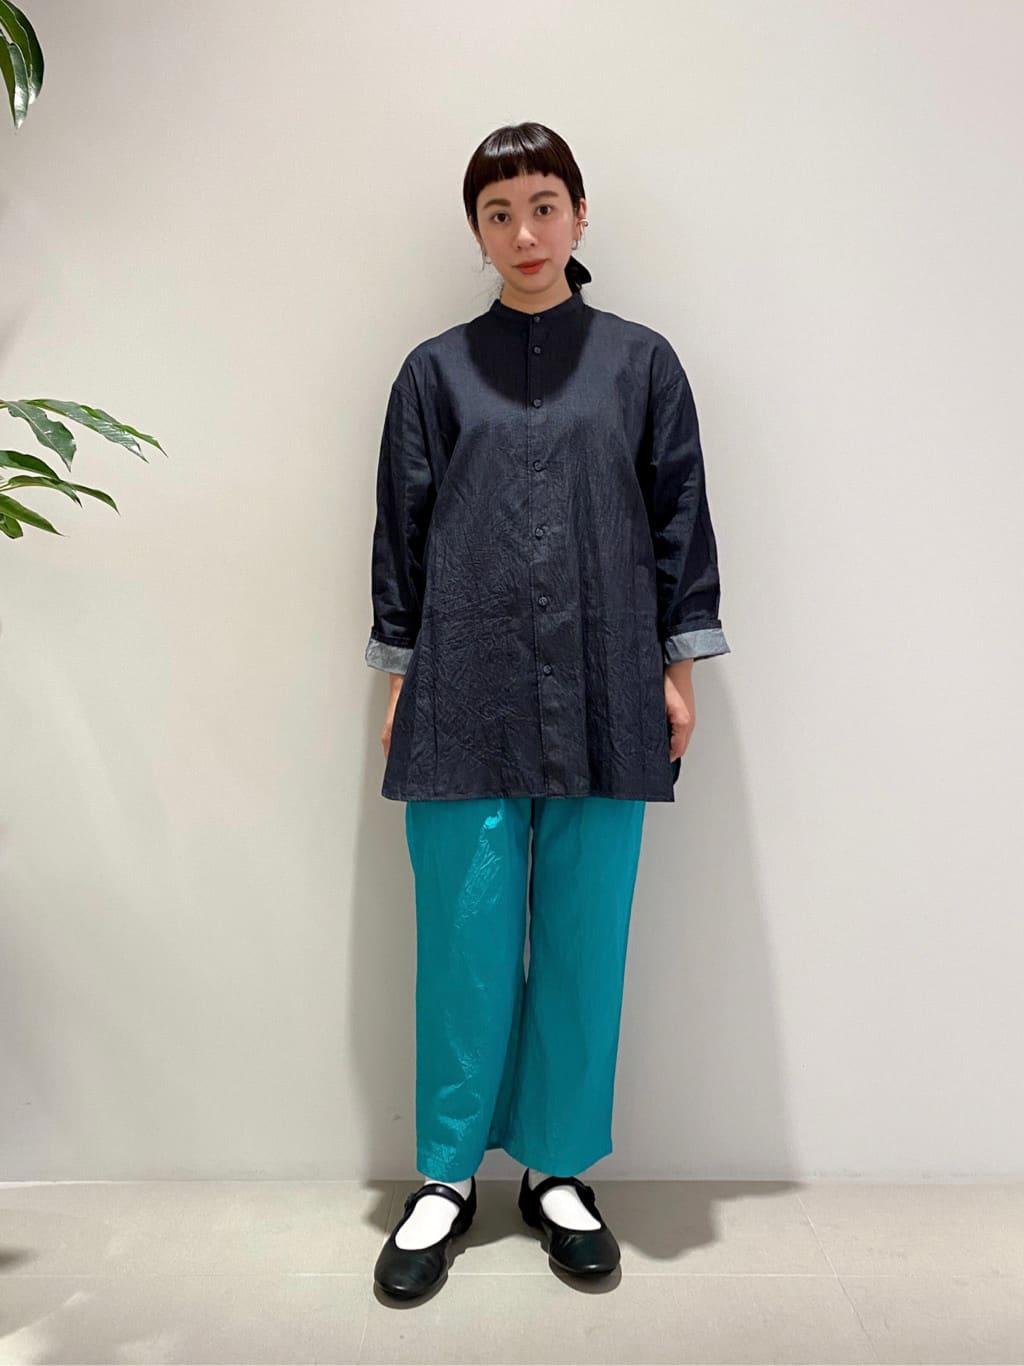 yuni 二子玉川ライズ 身長:154cm 2021.08.18